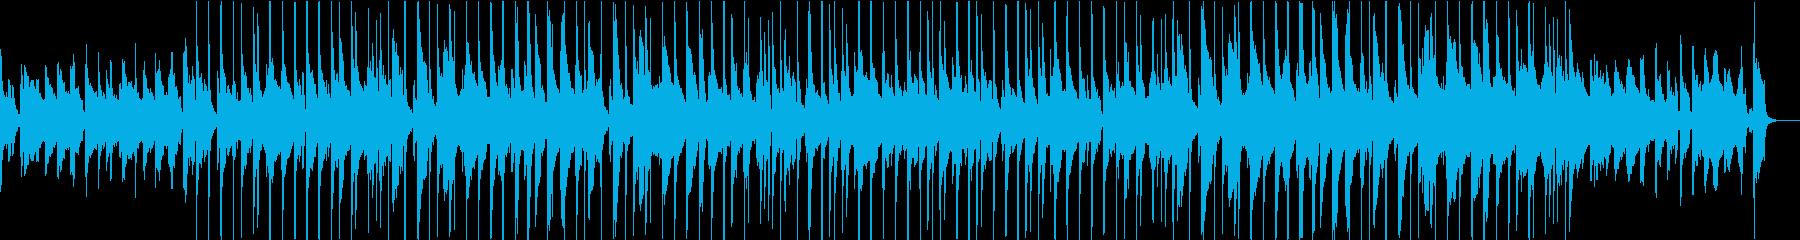 ウキウキ楽しいハーモニカとギターポップスの再生済みの波形